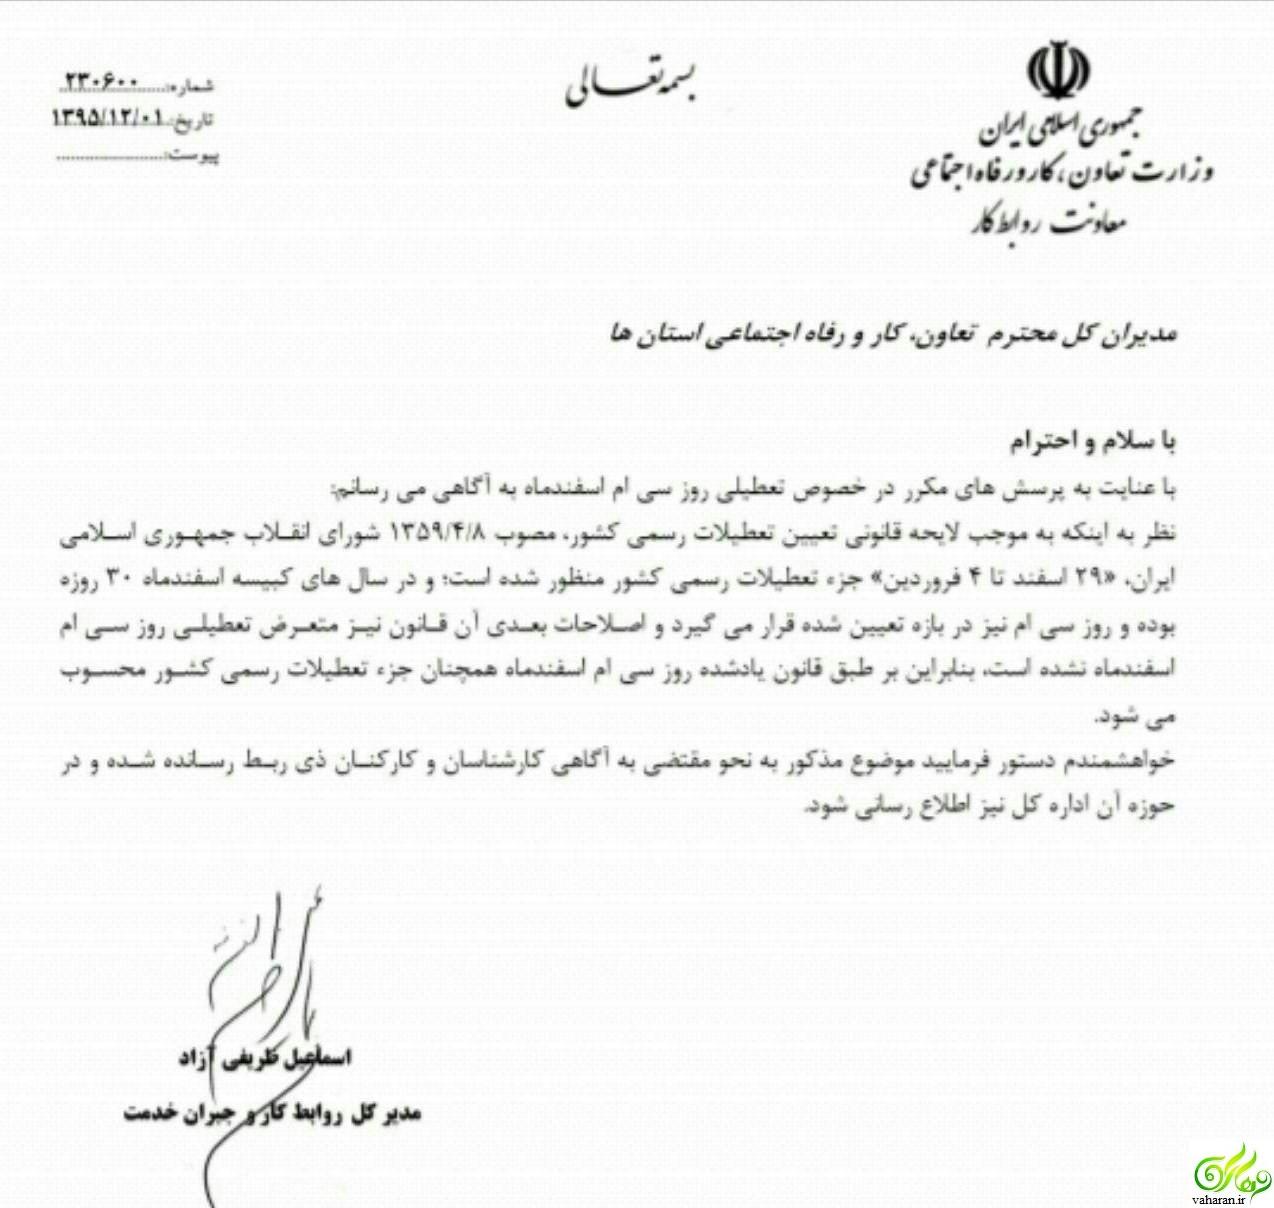 30 اسفند 95 تعطیل رسمی اعلام شد + متن اطلاعیه